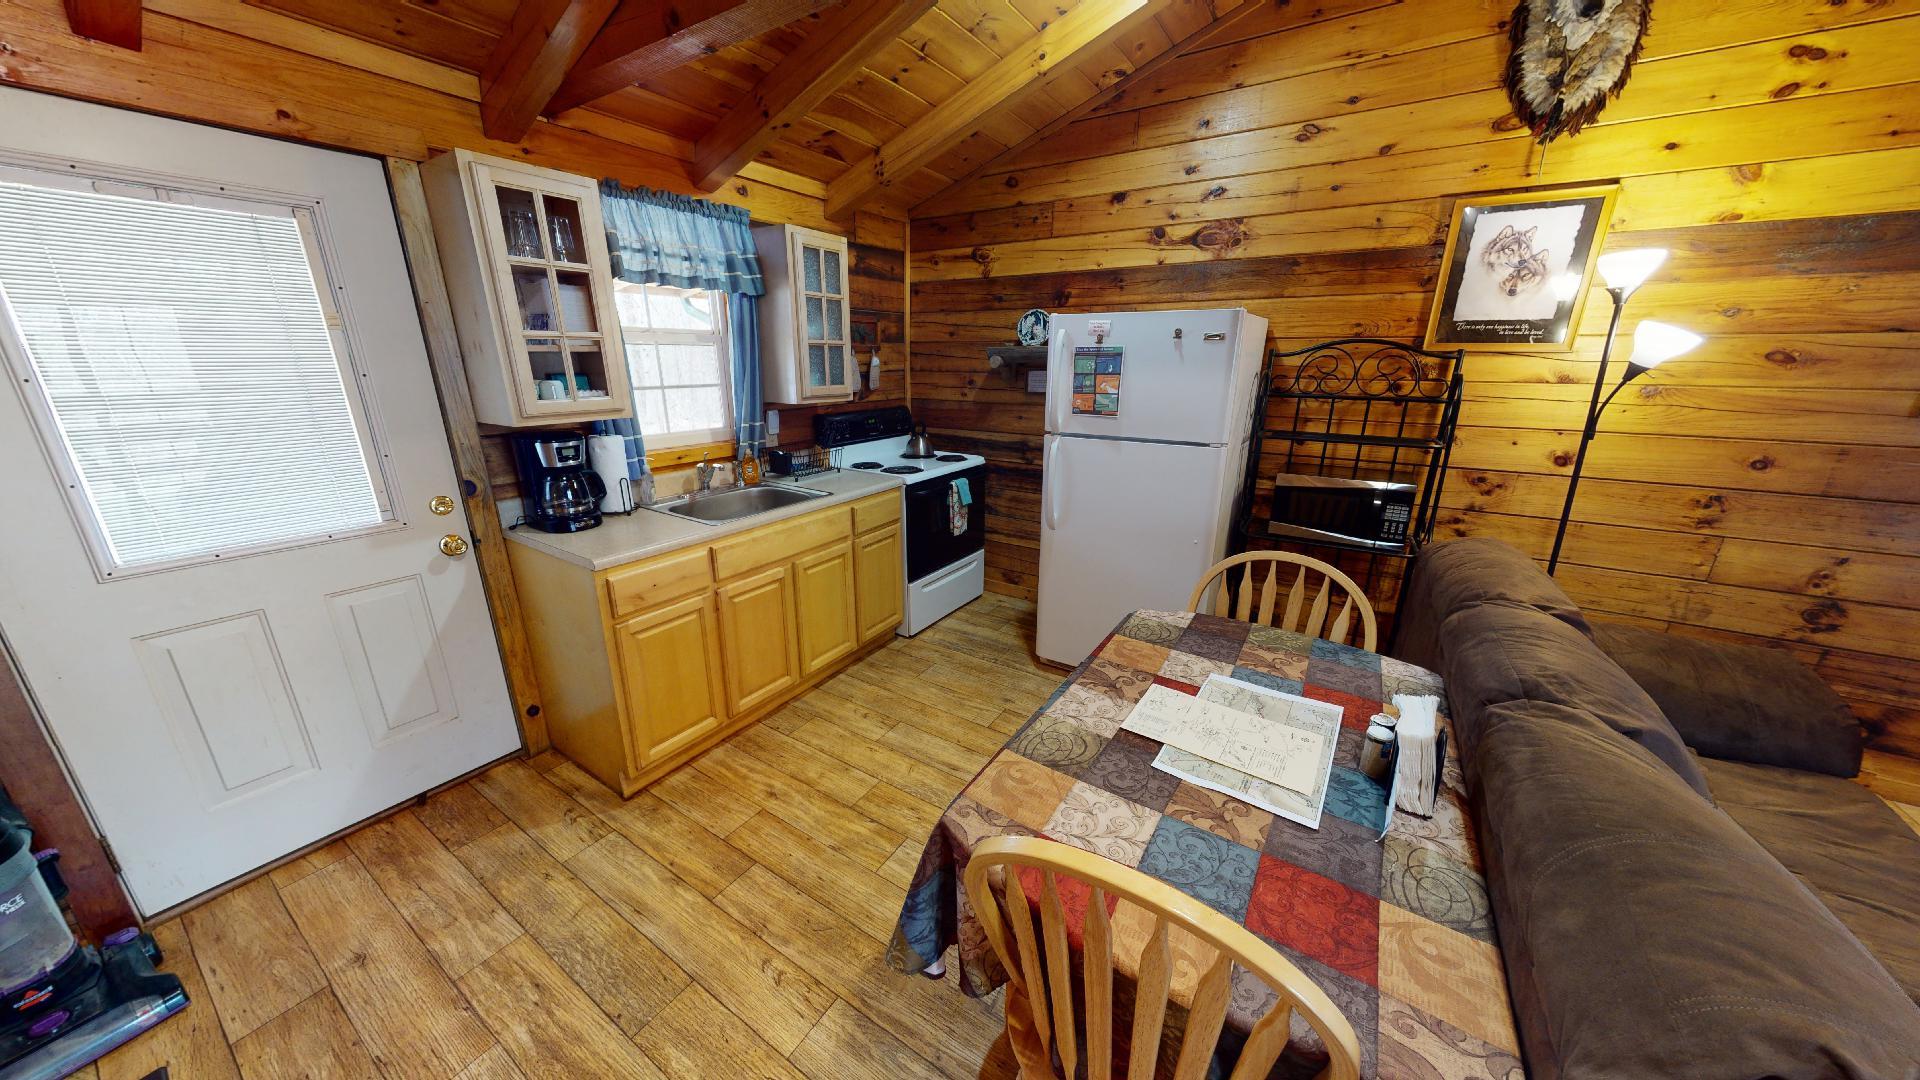 Photo 663_9186.jpg - Cozy kitchen with the essentials.